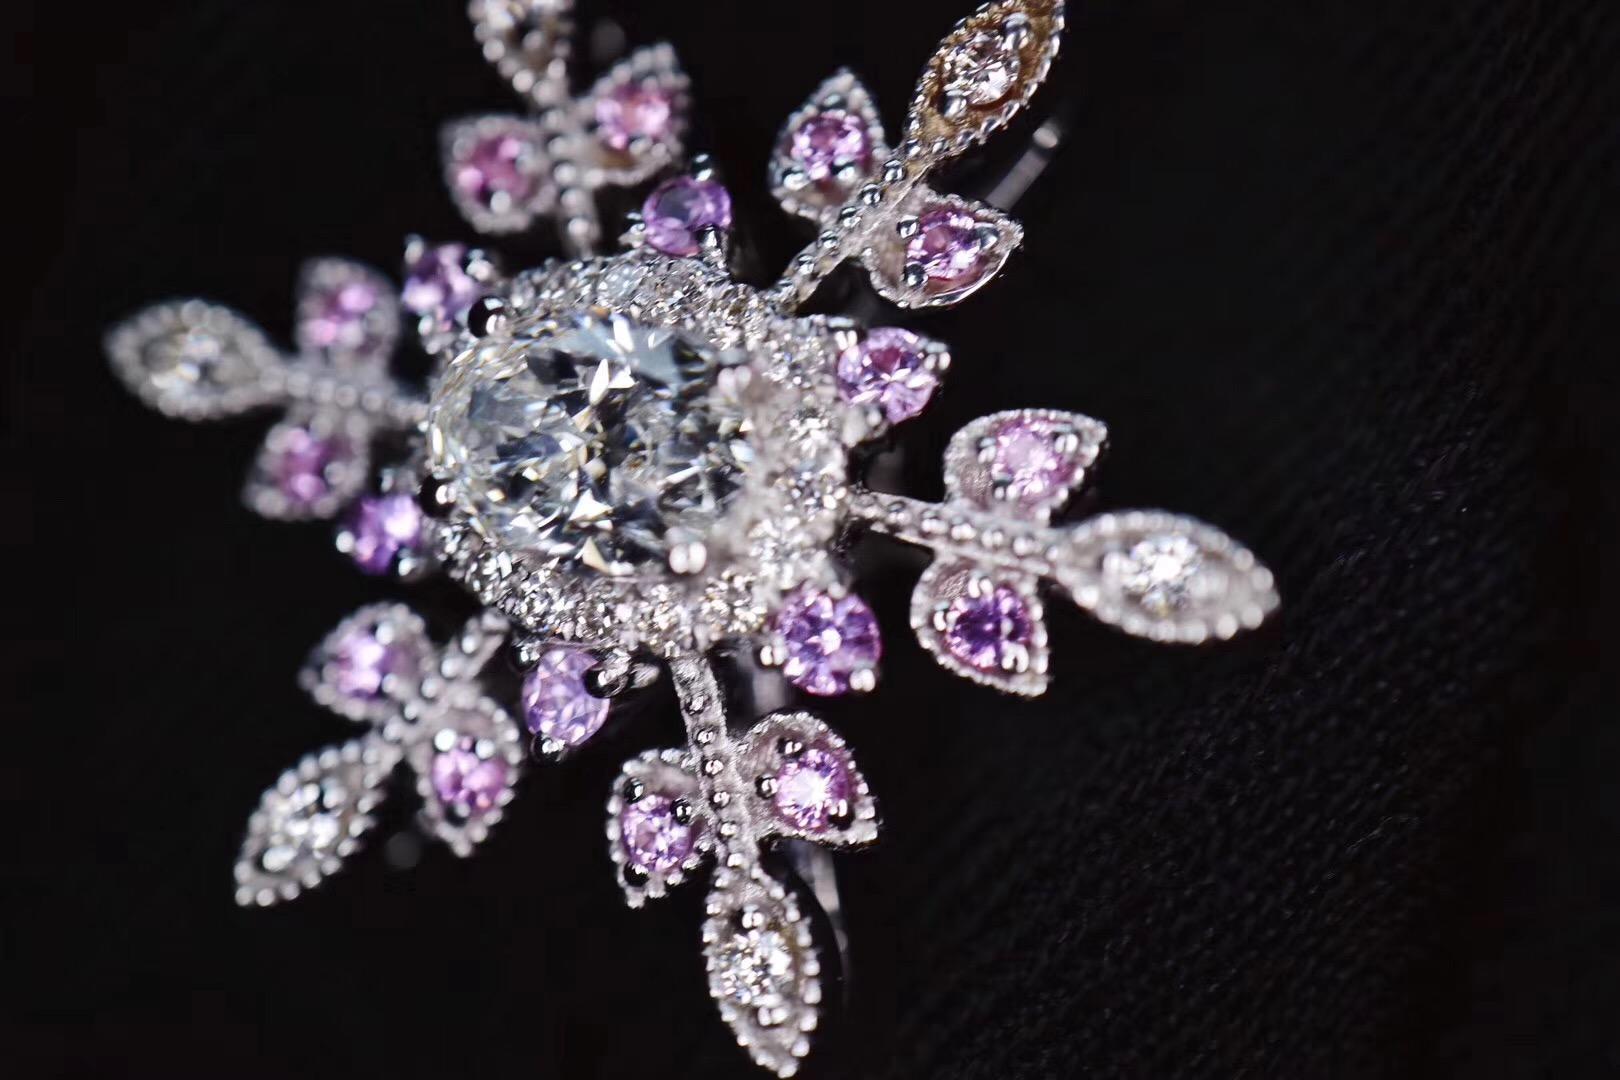 【菩心-钻石客订】50分的钻石也可以成为一枚紫粉的雪花坠-菩心晶舍